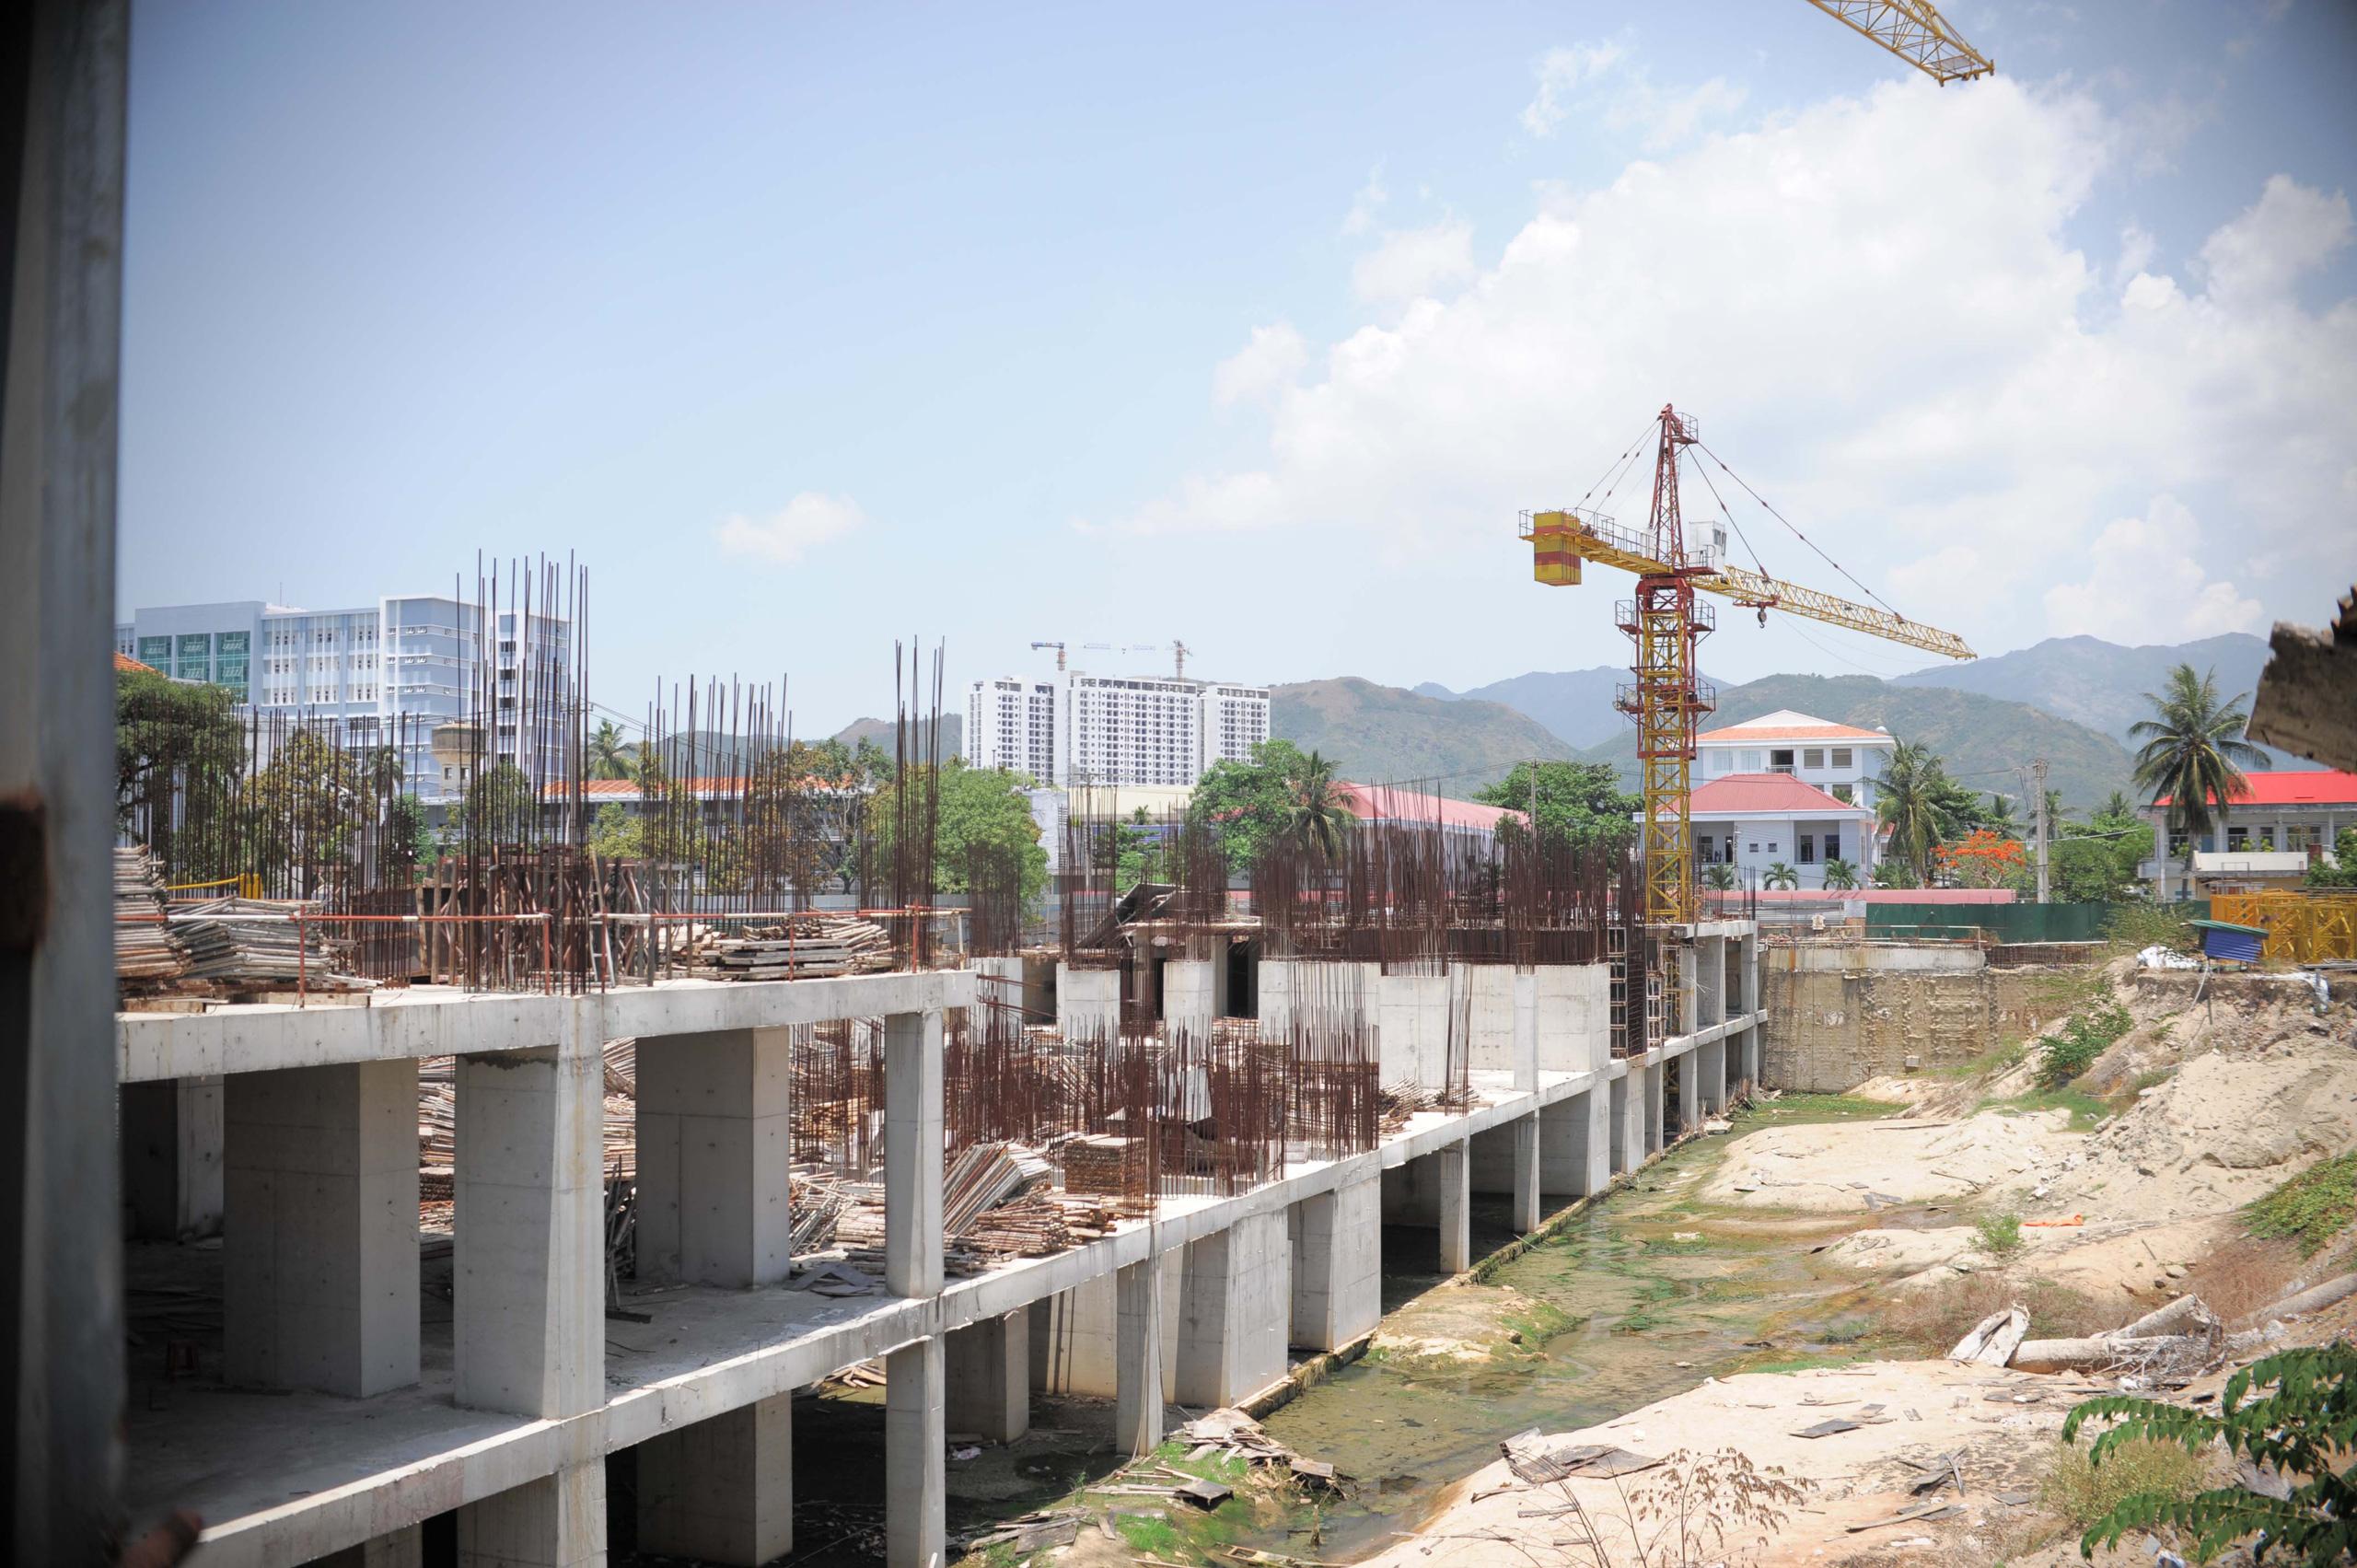 Thêm một khu đất vàng Nha Trang giao cho doanh nghiệp giá thấp - Ảnh 6.